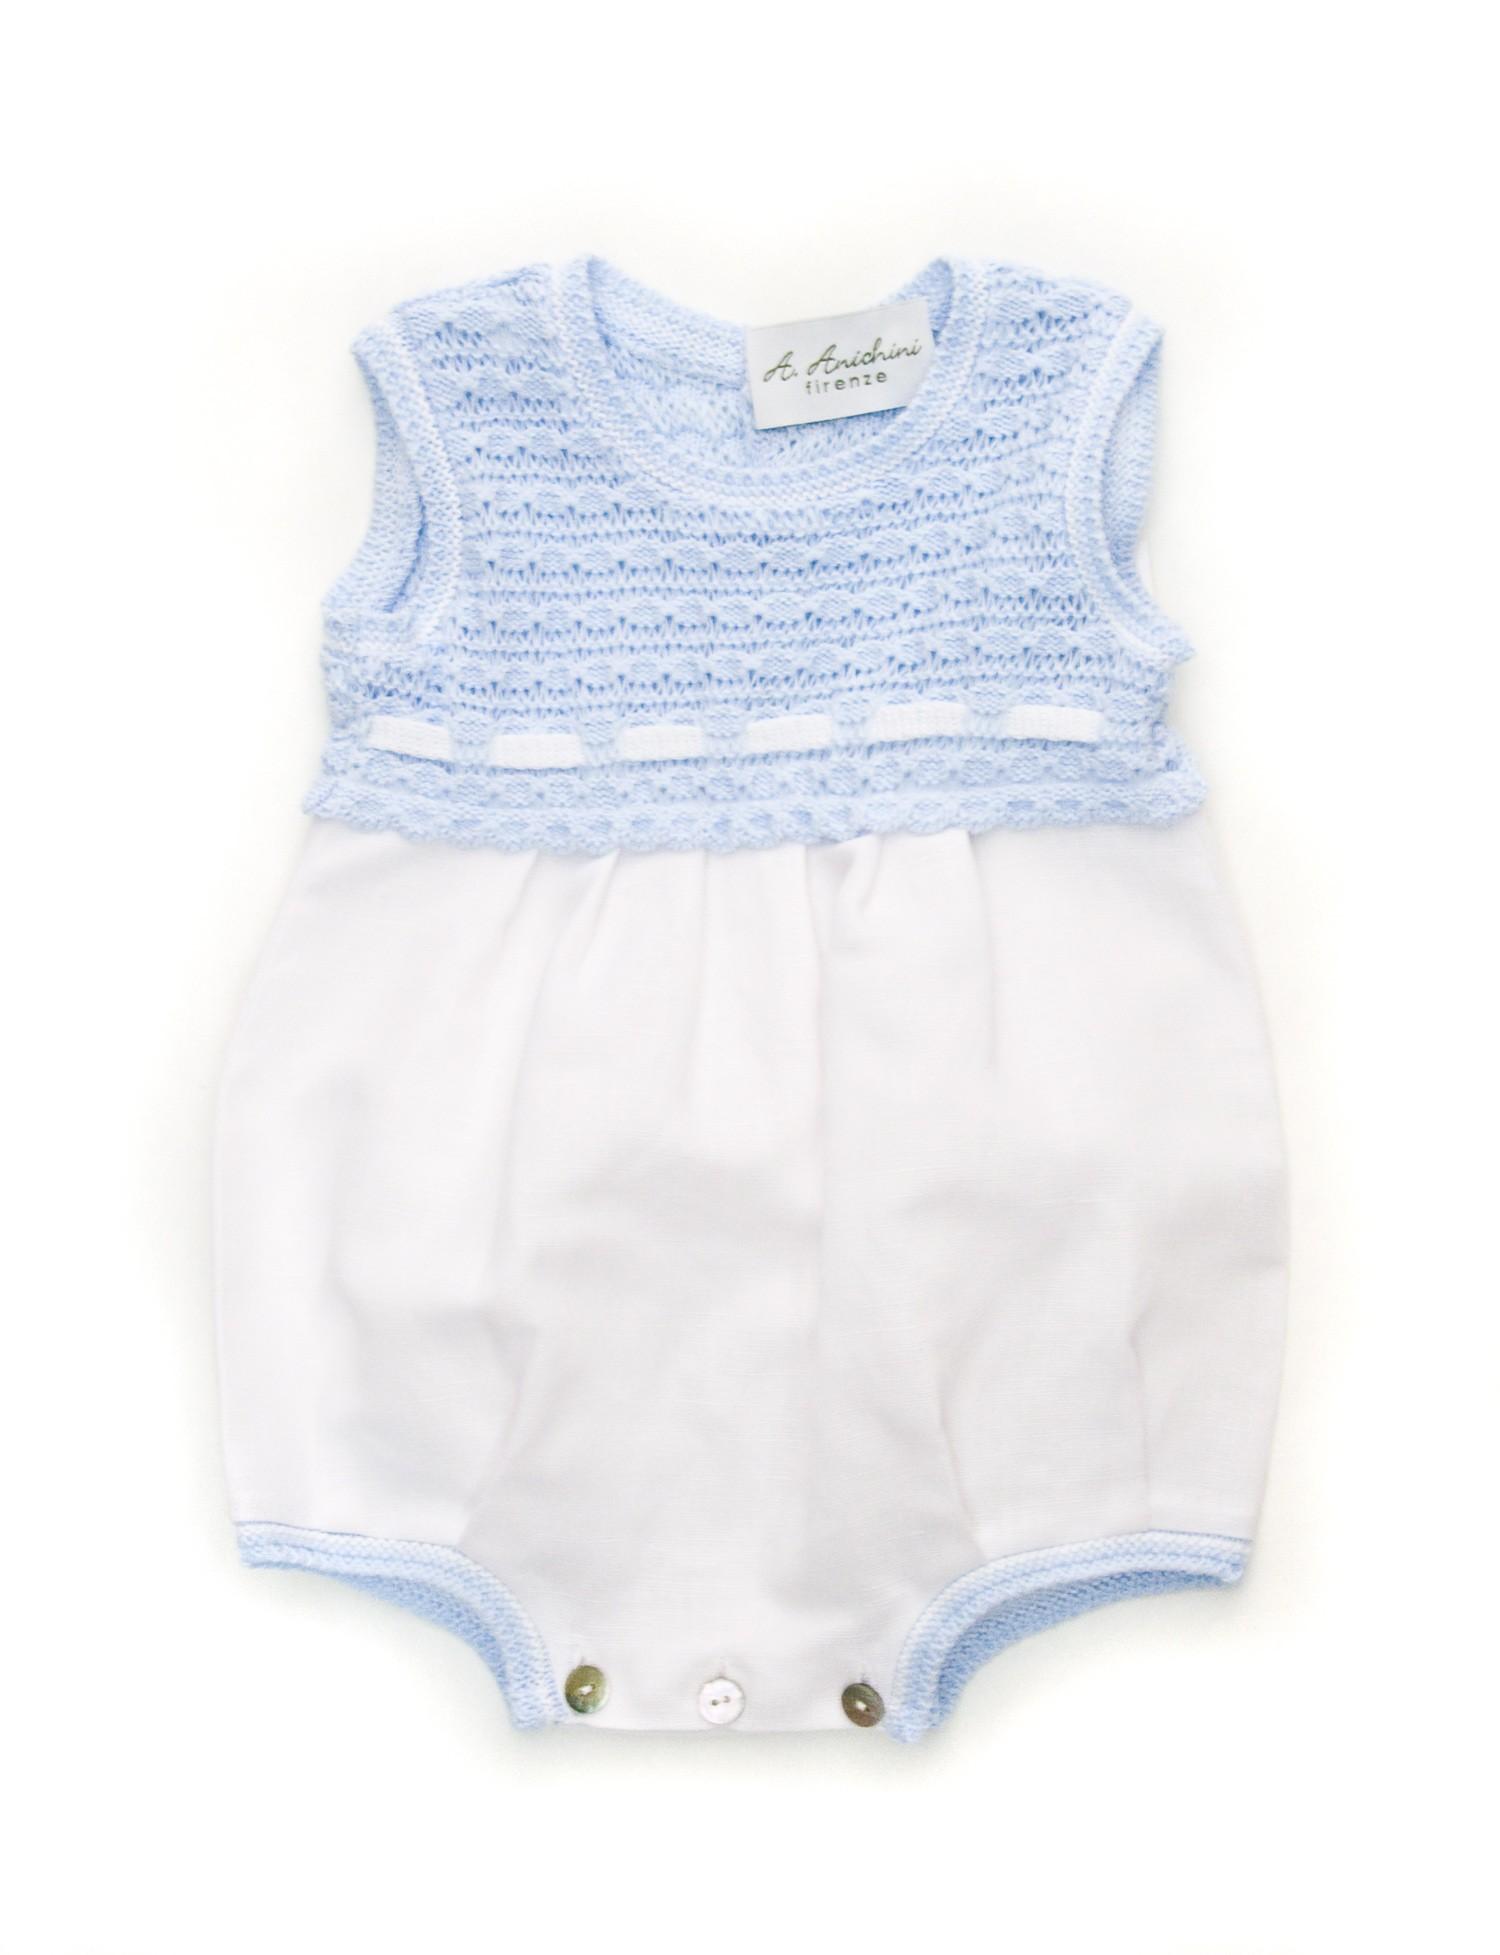 Pagliaccetto baby smanicato in lino e cotone